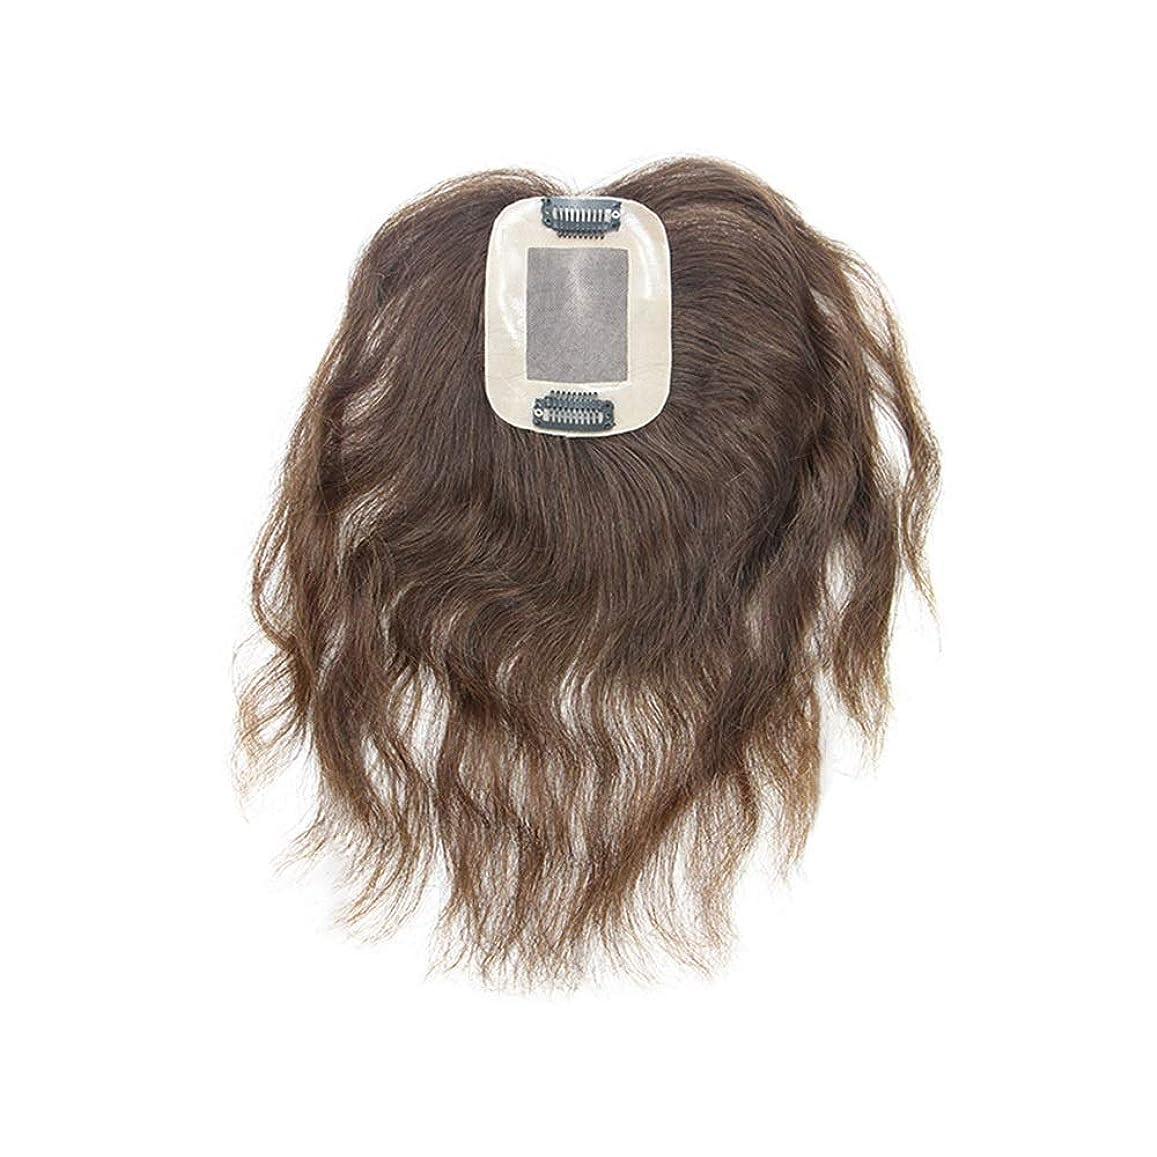 シャット理論受け継ぐBOBIDYEE 女性の毎日のドレスパーティーかつらのための手織りのリアルヘアナチュラルカーリーふわふわウィッグ (色 : Natural black, サイズ : 25cm)